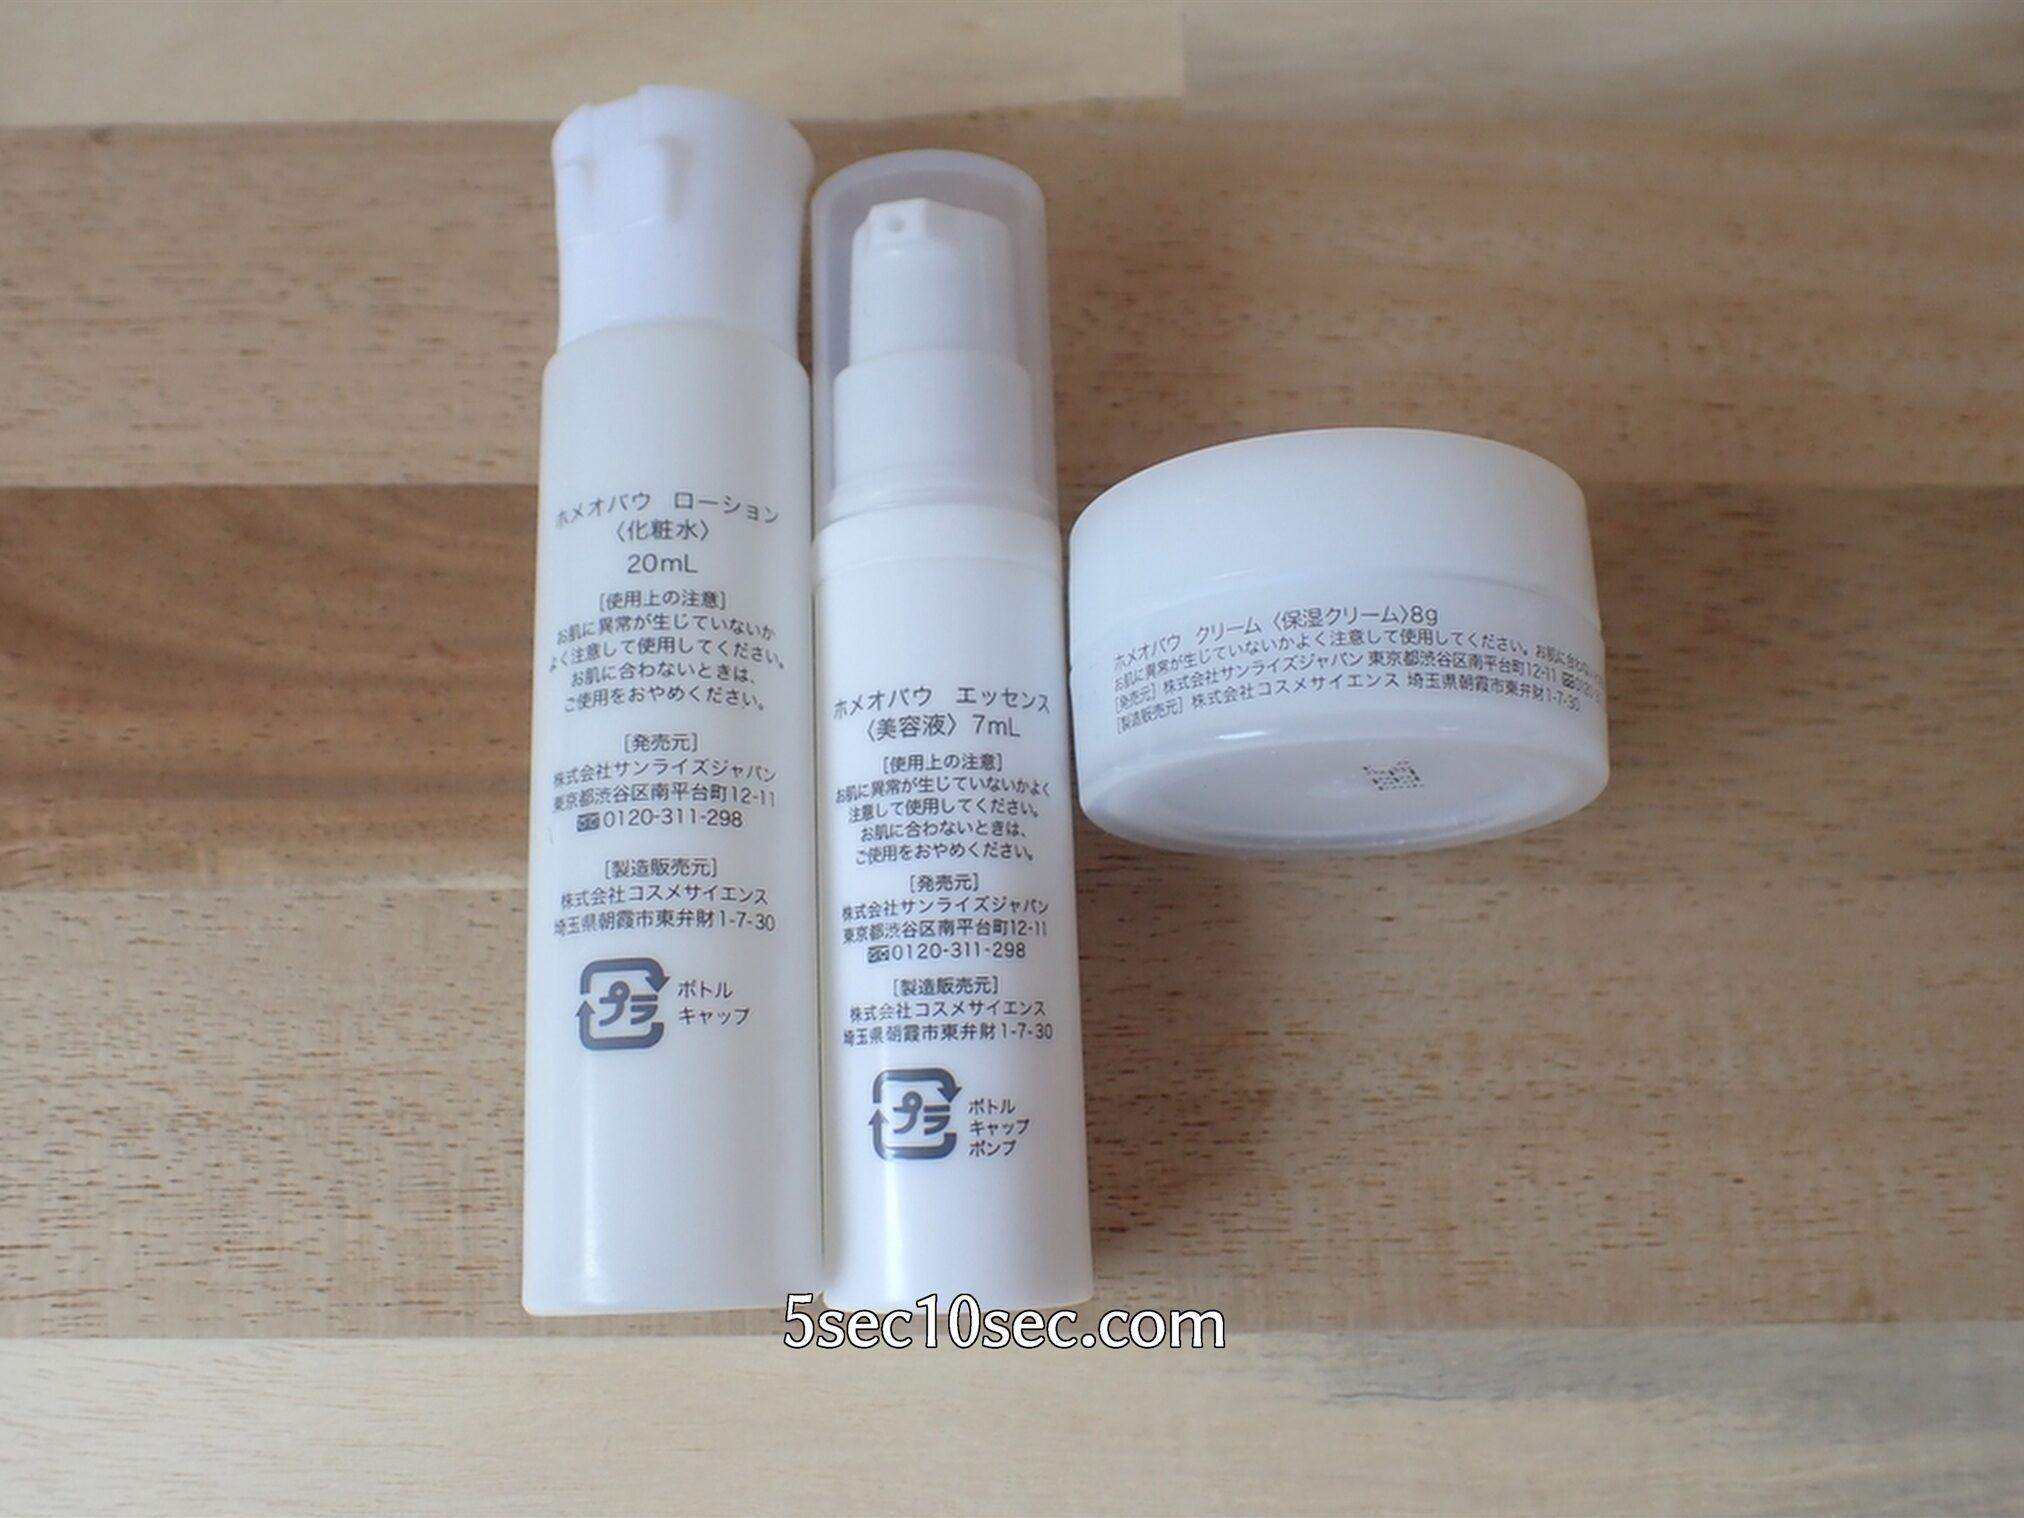 化粧水、美容液、クリームに共通してフラーレンが配合されています ホメオバウ スターターセット